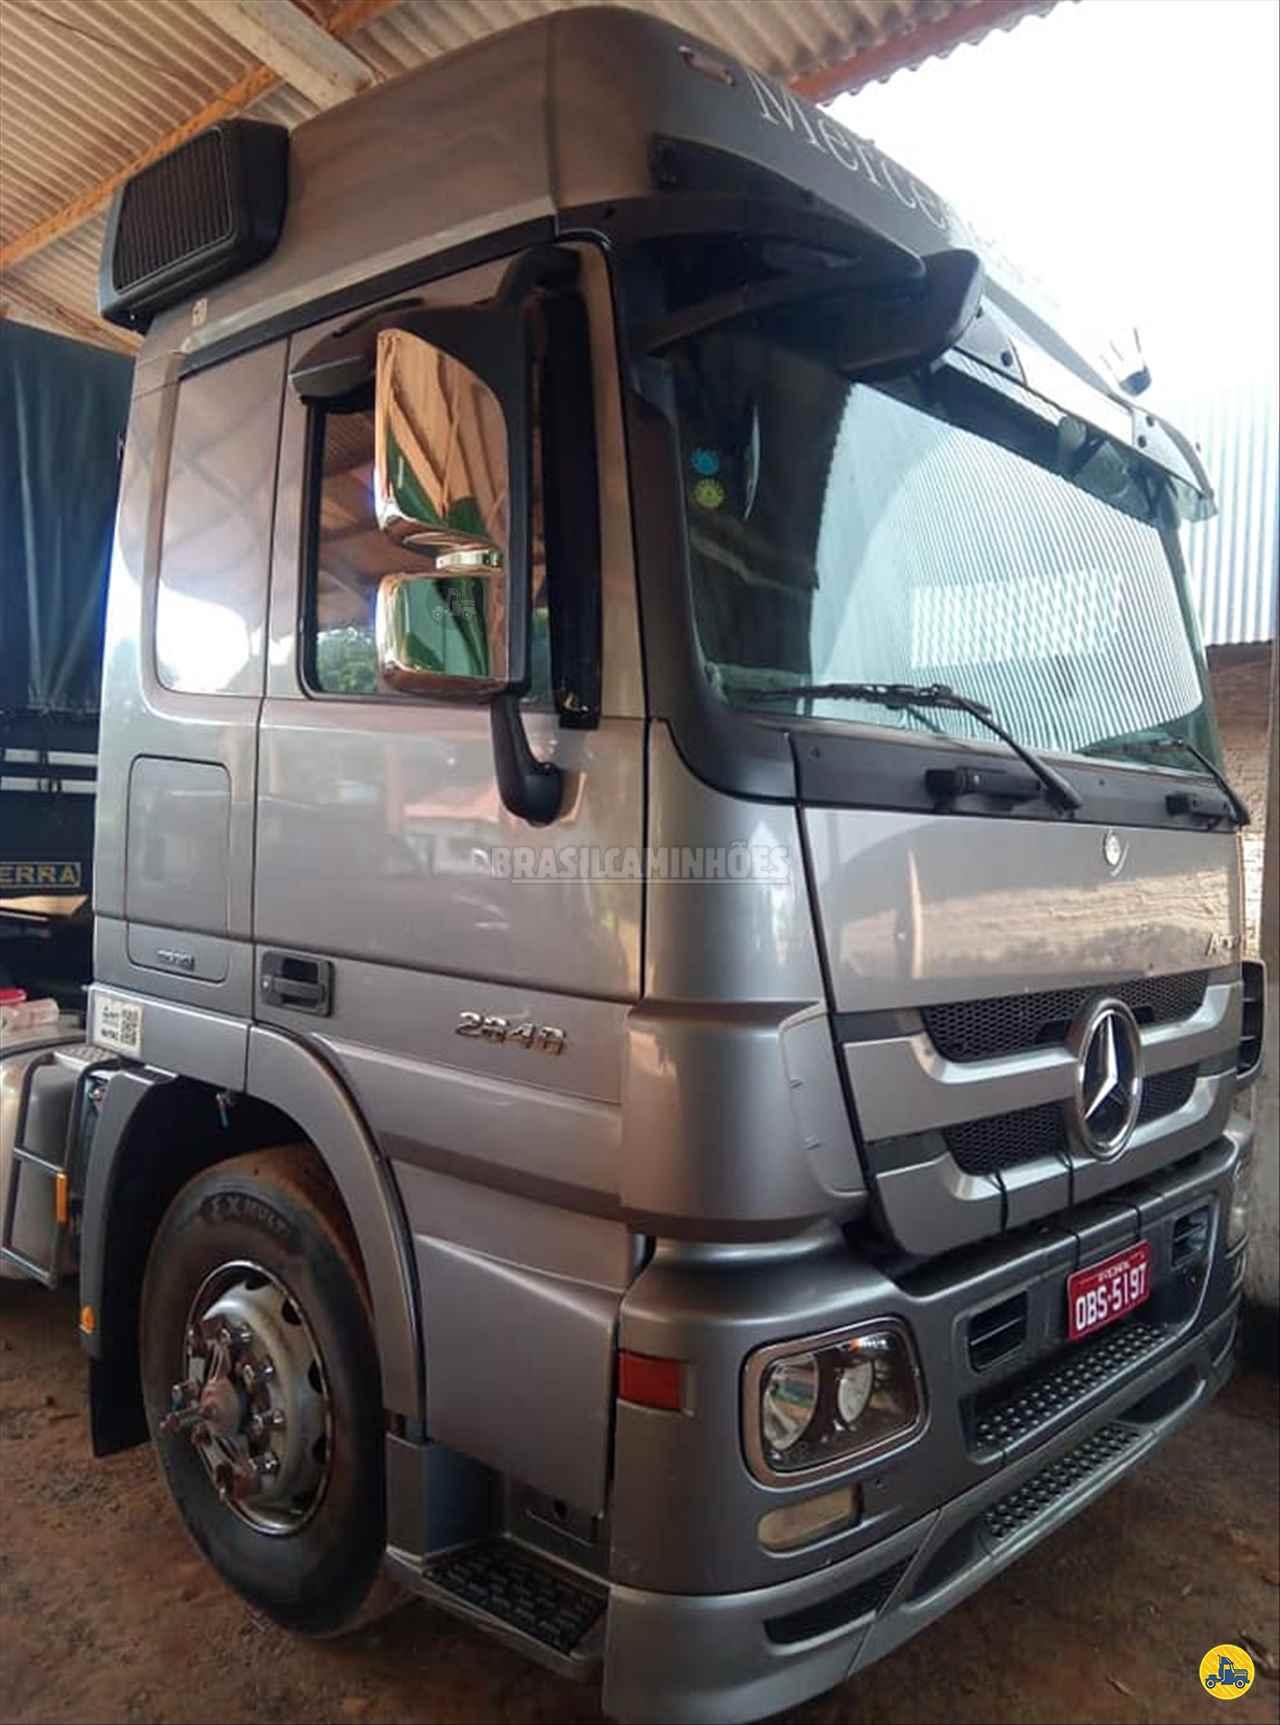 CAMINHAO MERCEDES-BENZ MB 2646 Carga Seca Traçado 6x4 Brasil Caminhões Sinop SINOP MATO GROSSO MT